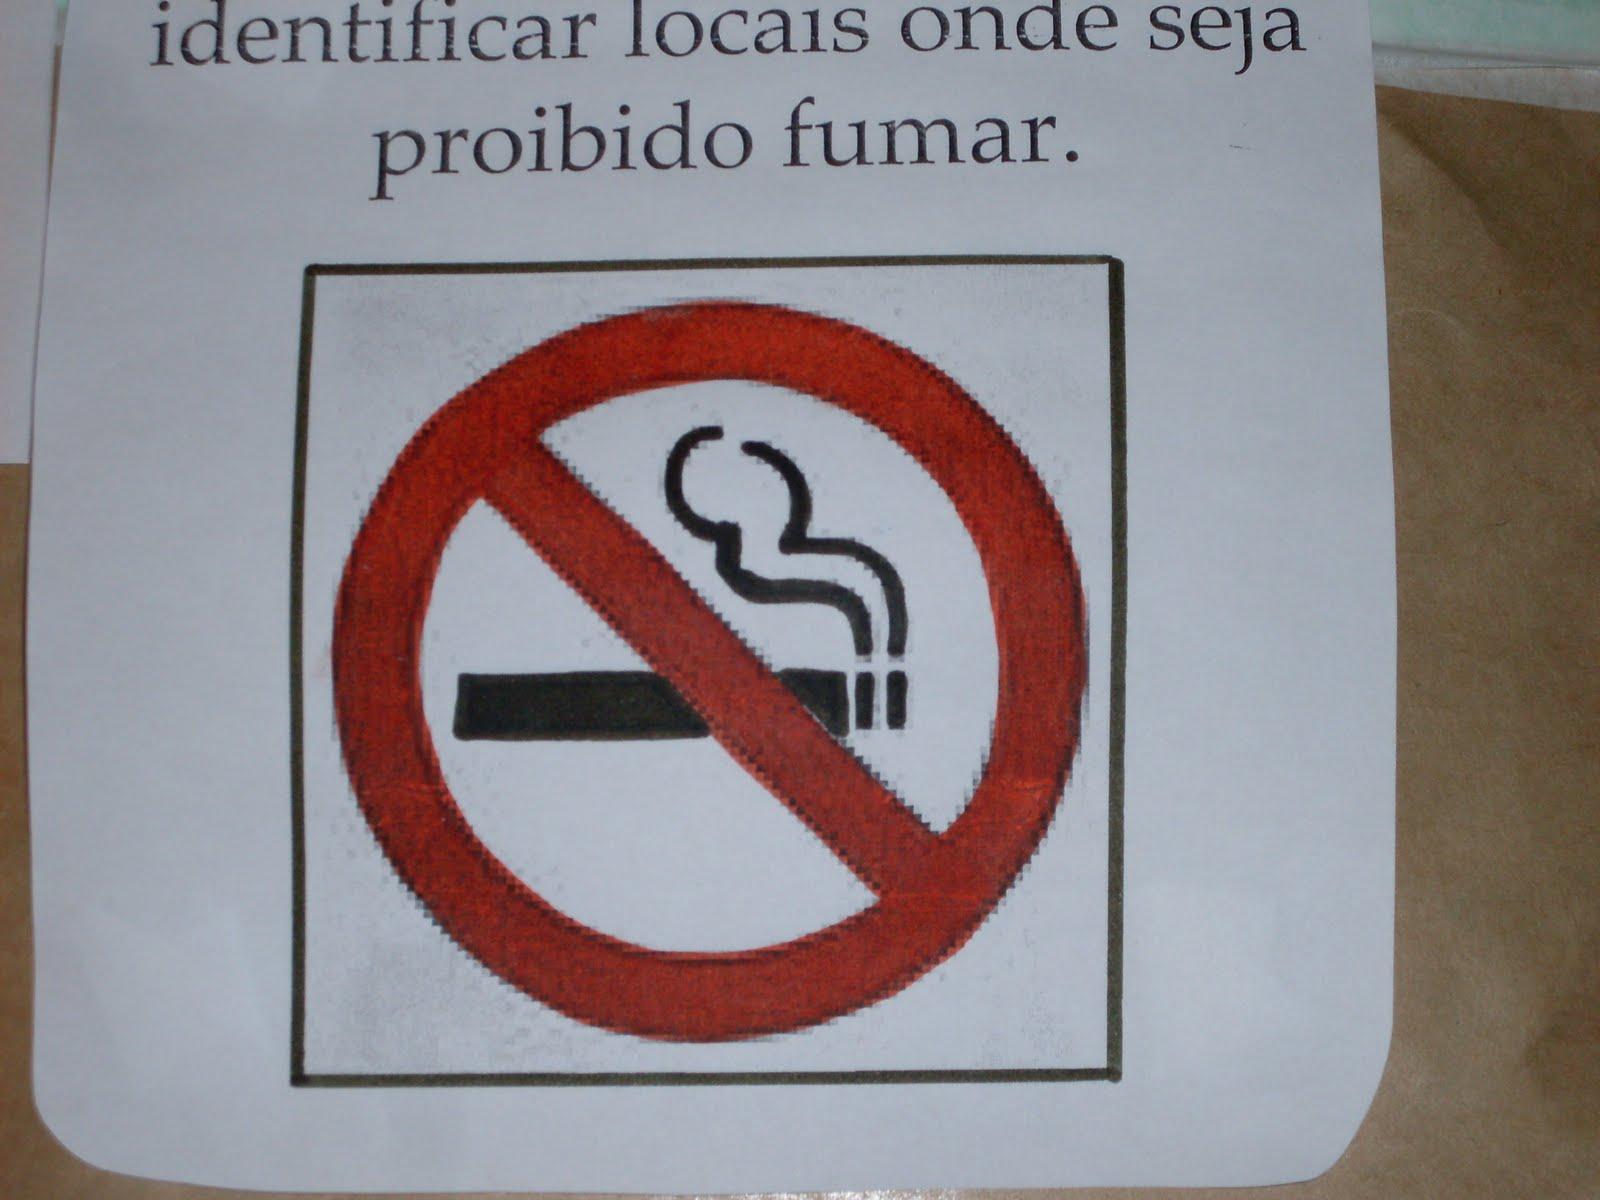 Símbolo internacional da cegueira (utilizado em locais onde haja  #703528 1600 1200